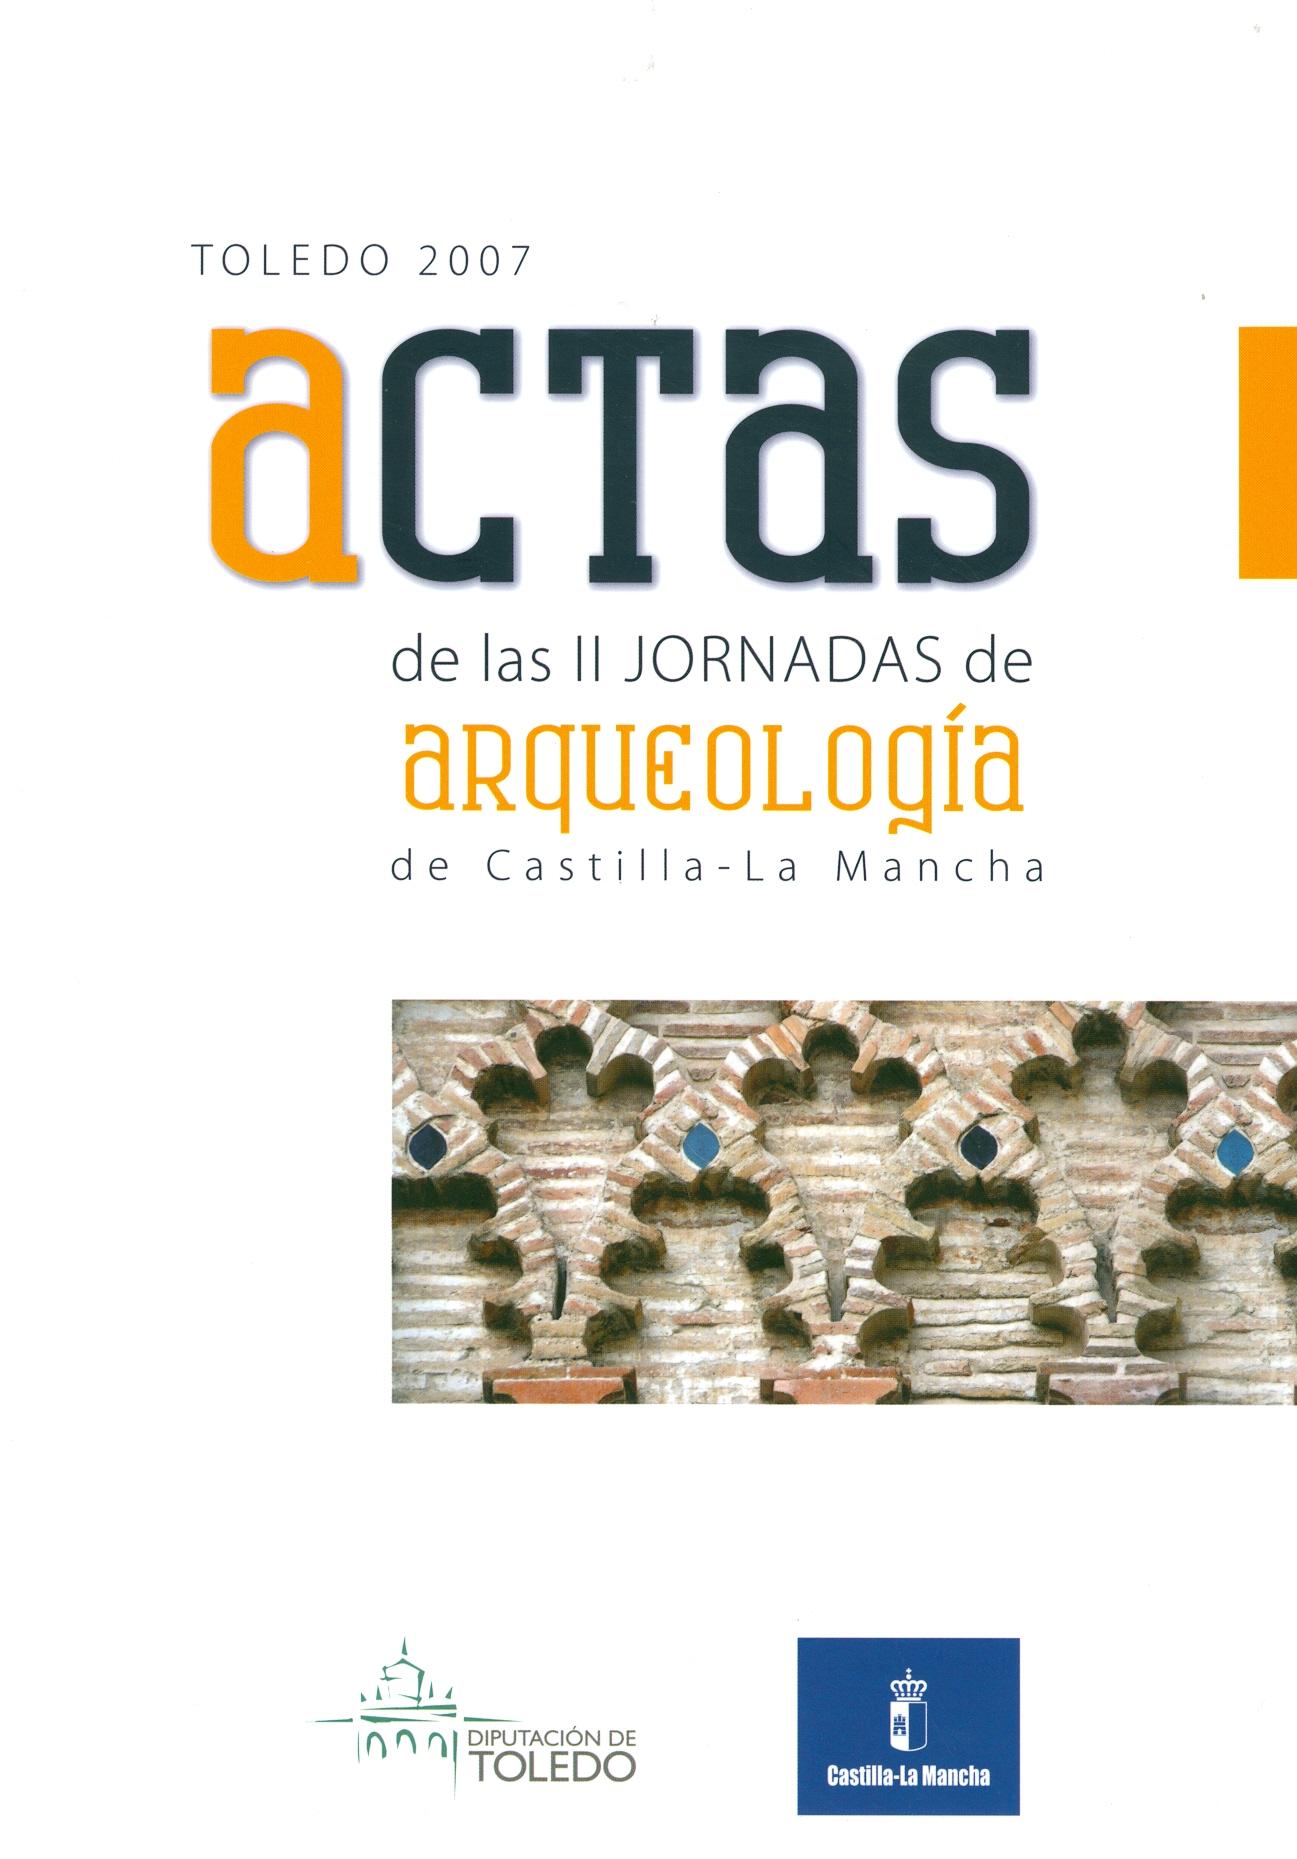 Actas de las II jornadas de arqueología de Castilla la Mancha